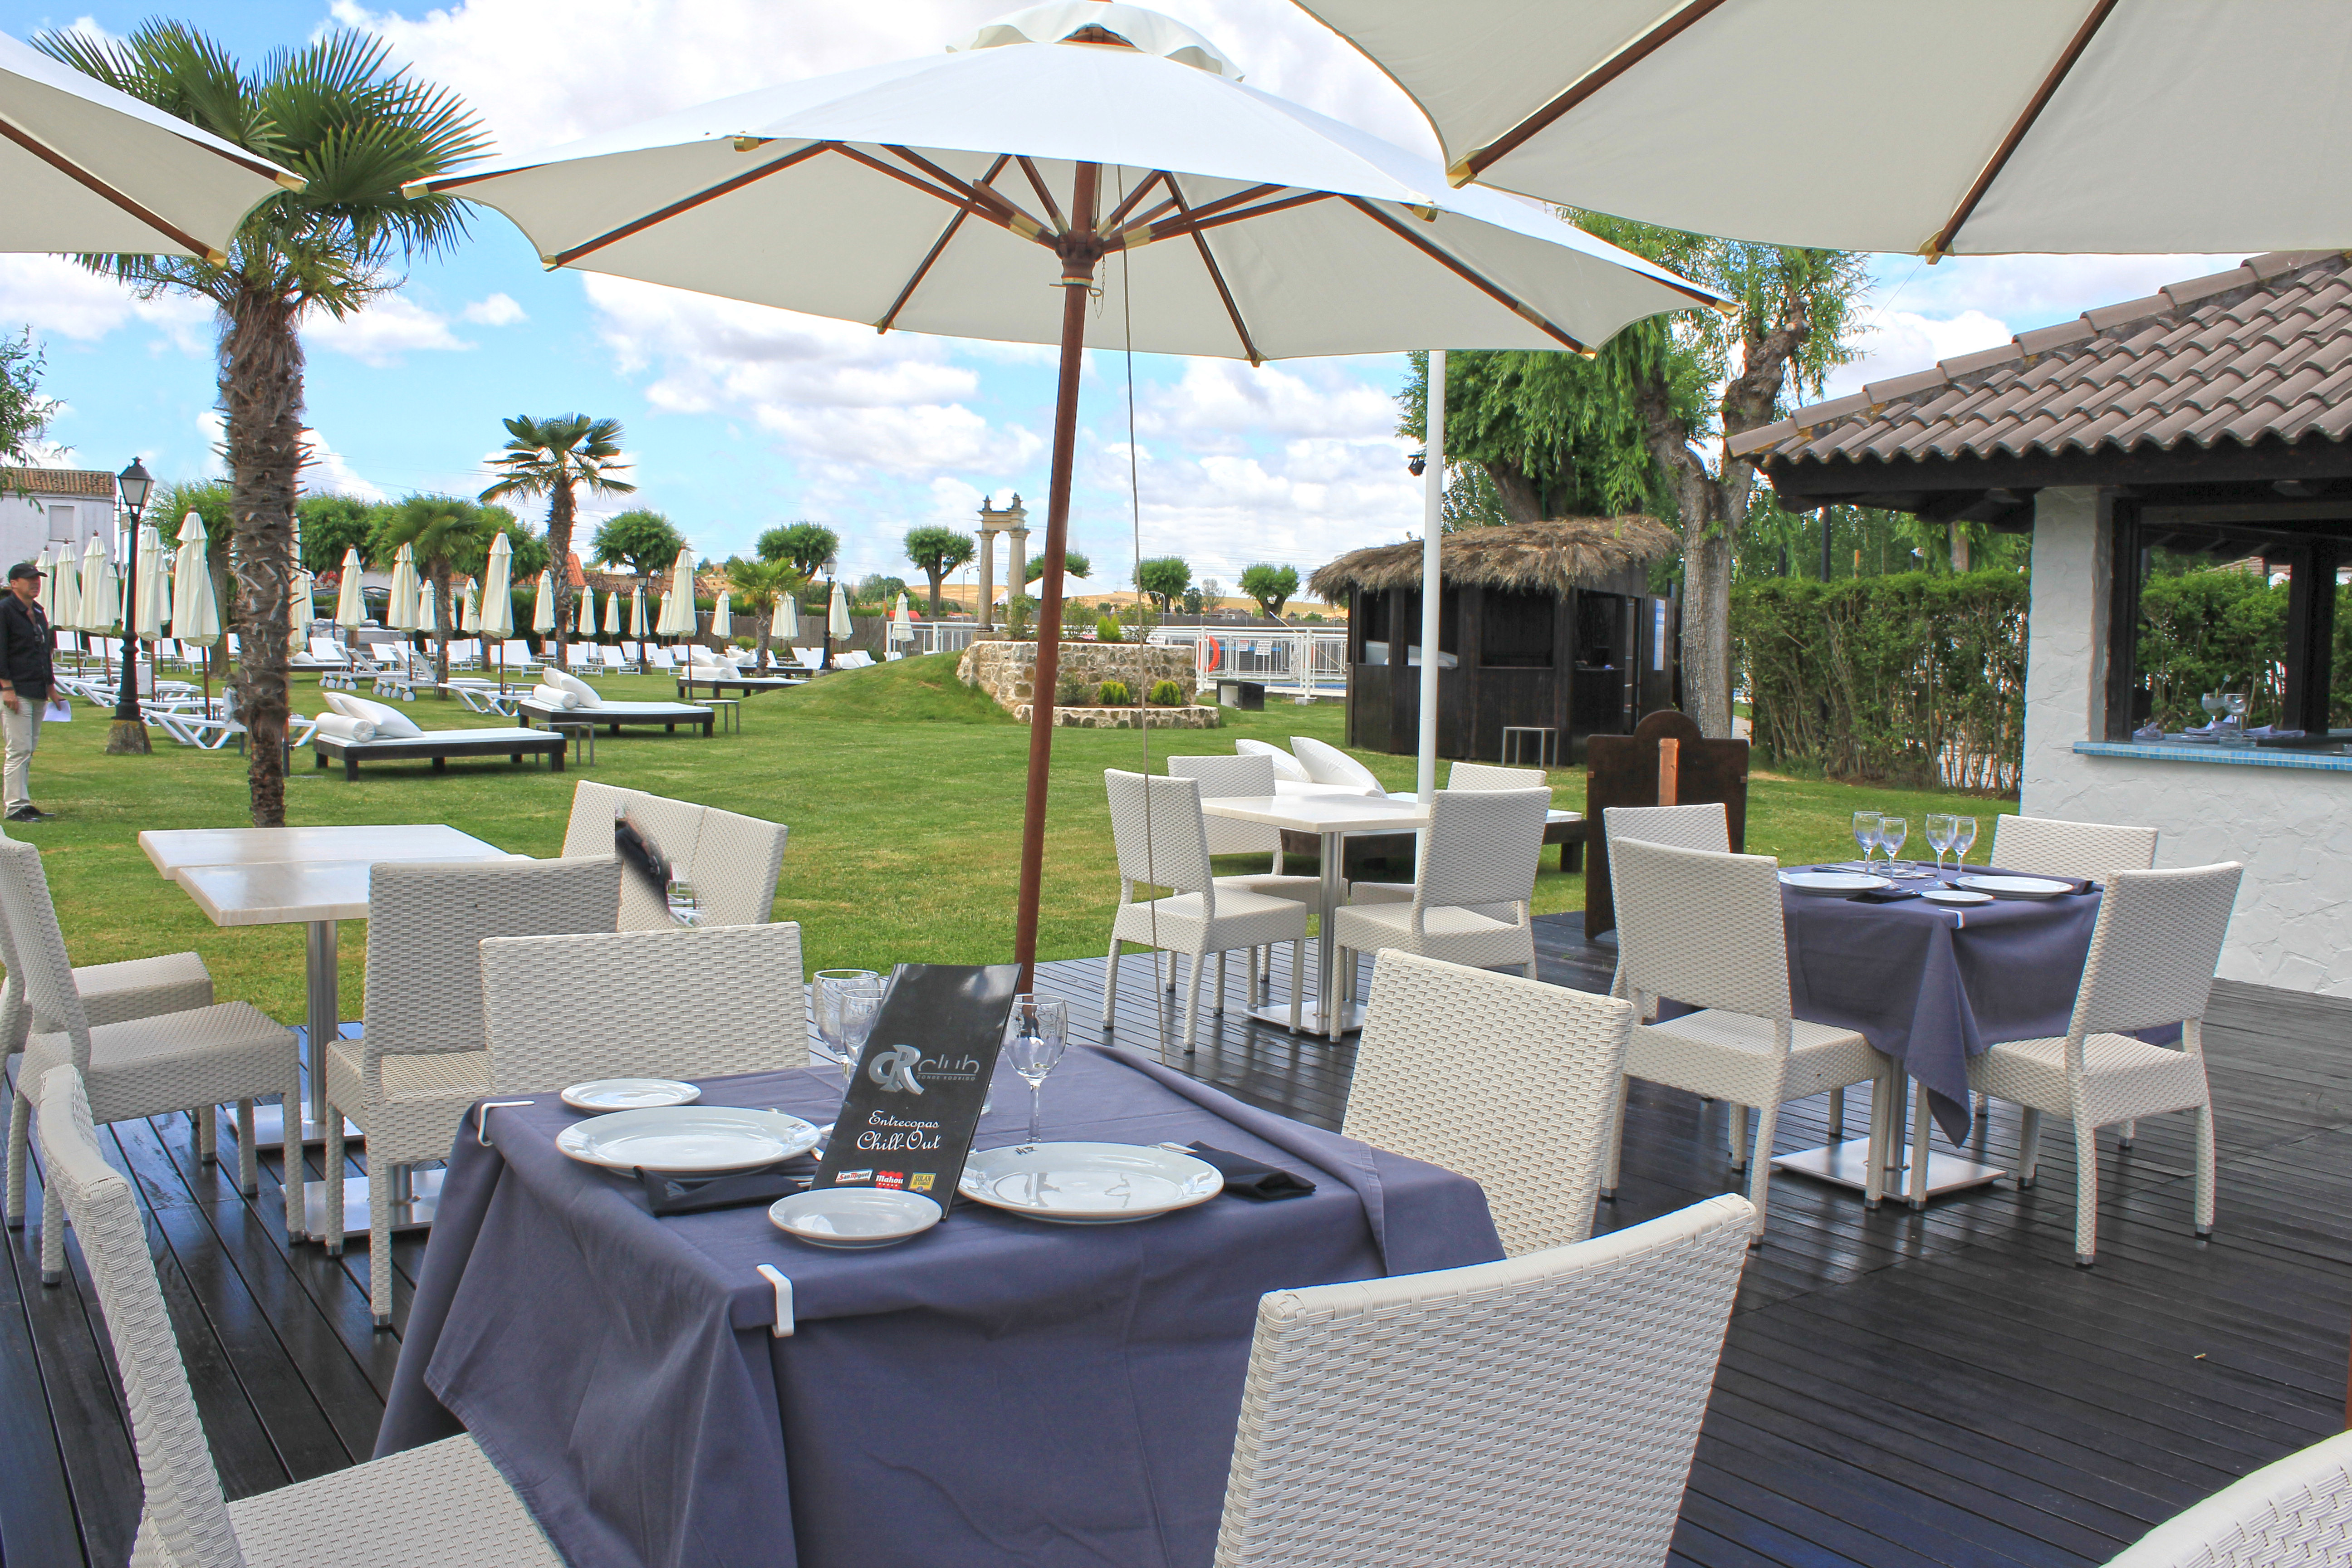 Chill out conde rodrigo hoteles conde rodrigo blog - Chill out jardin ...